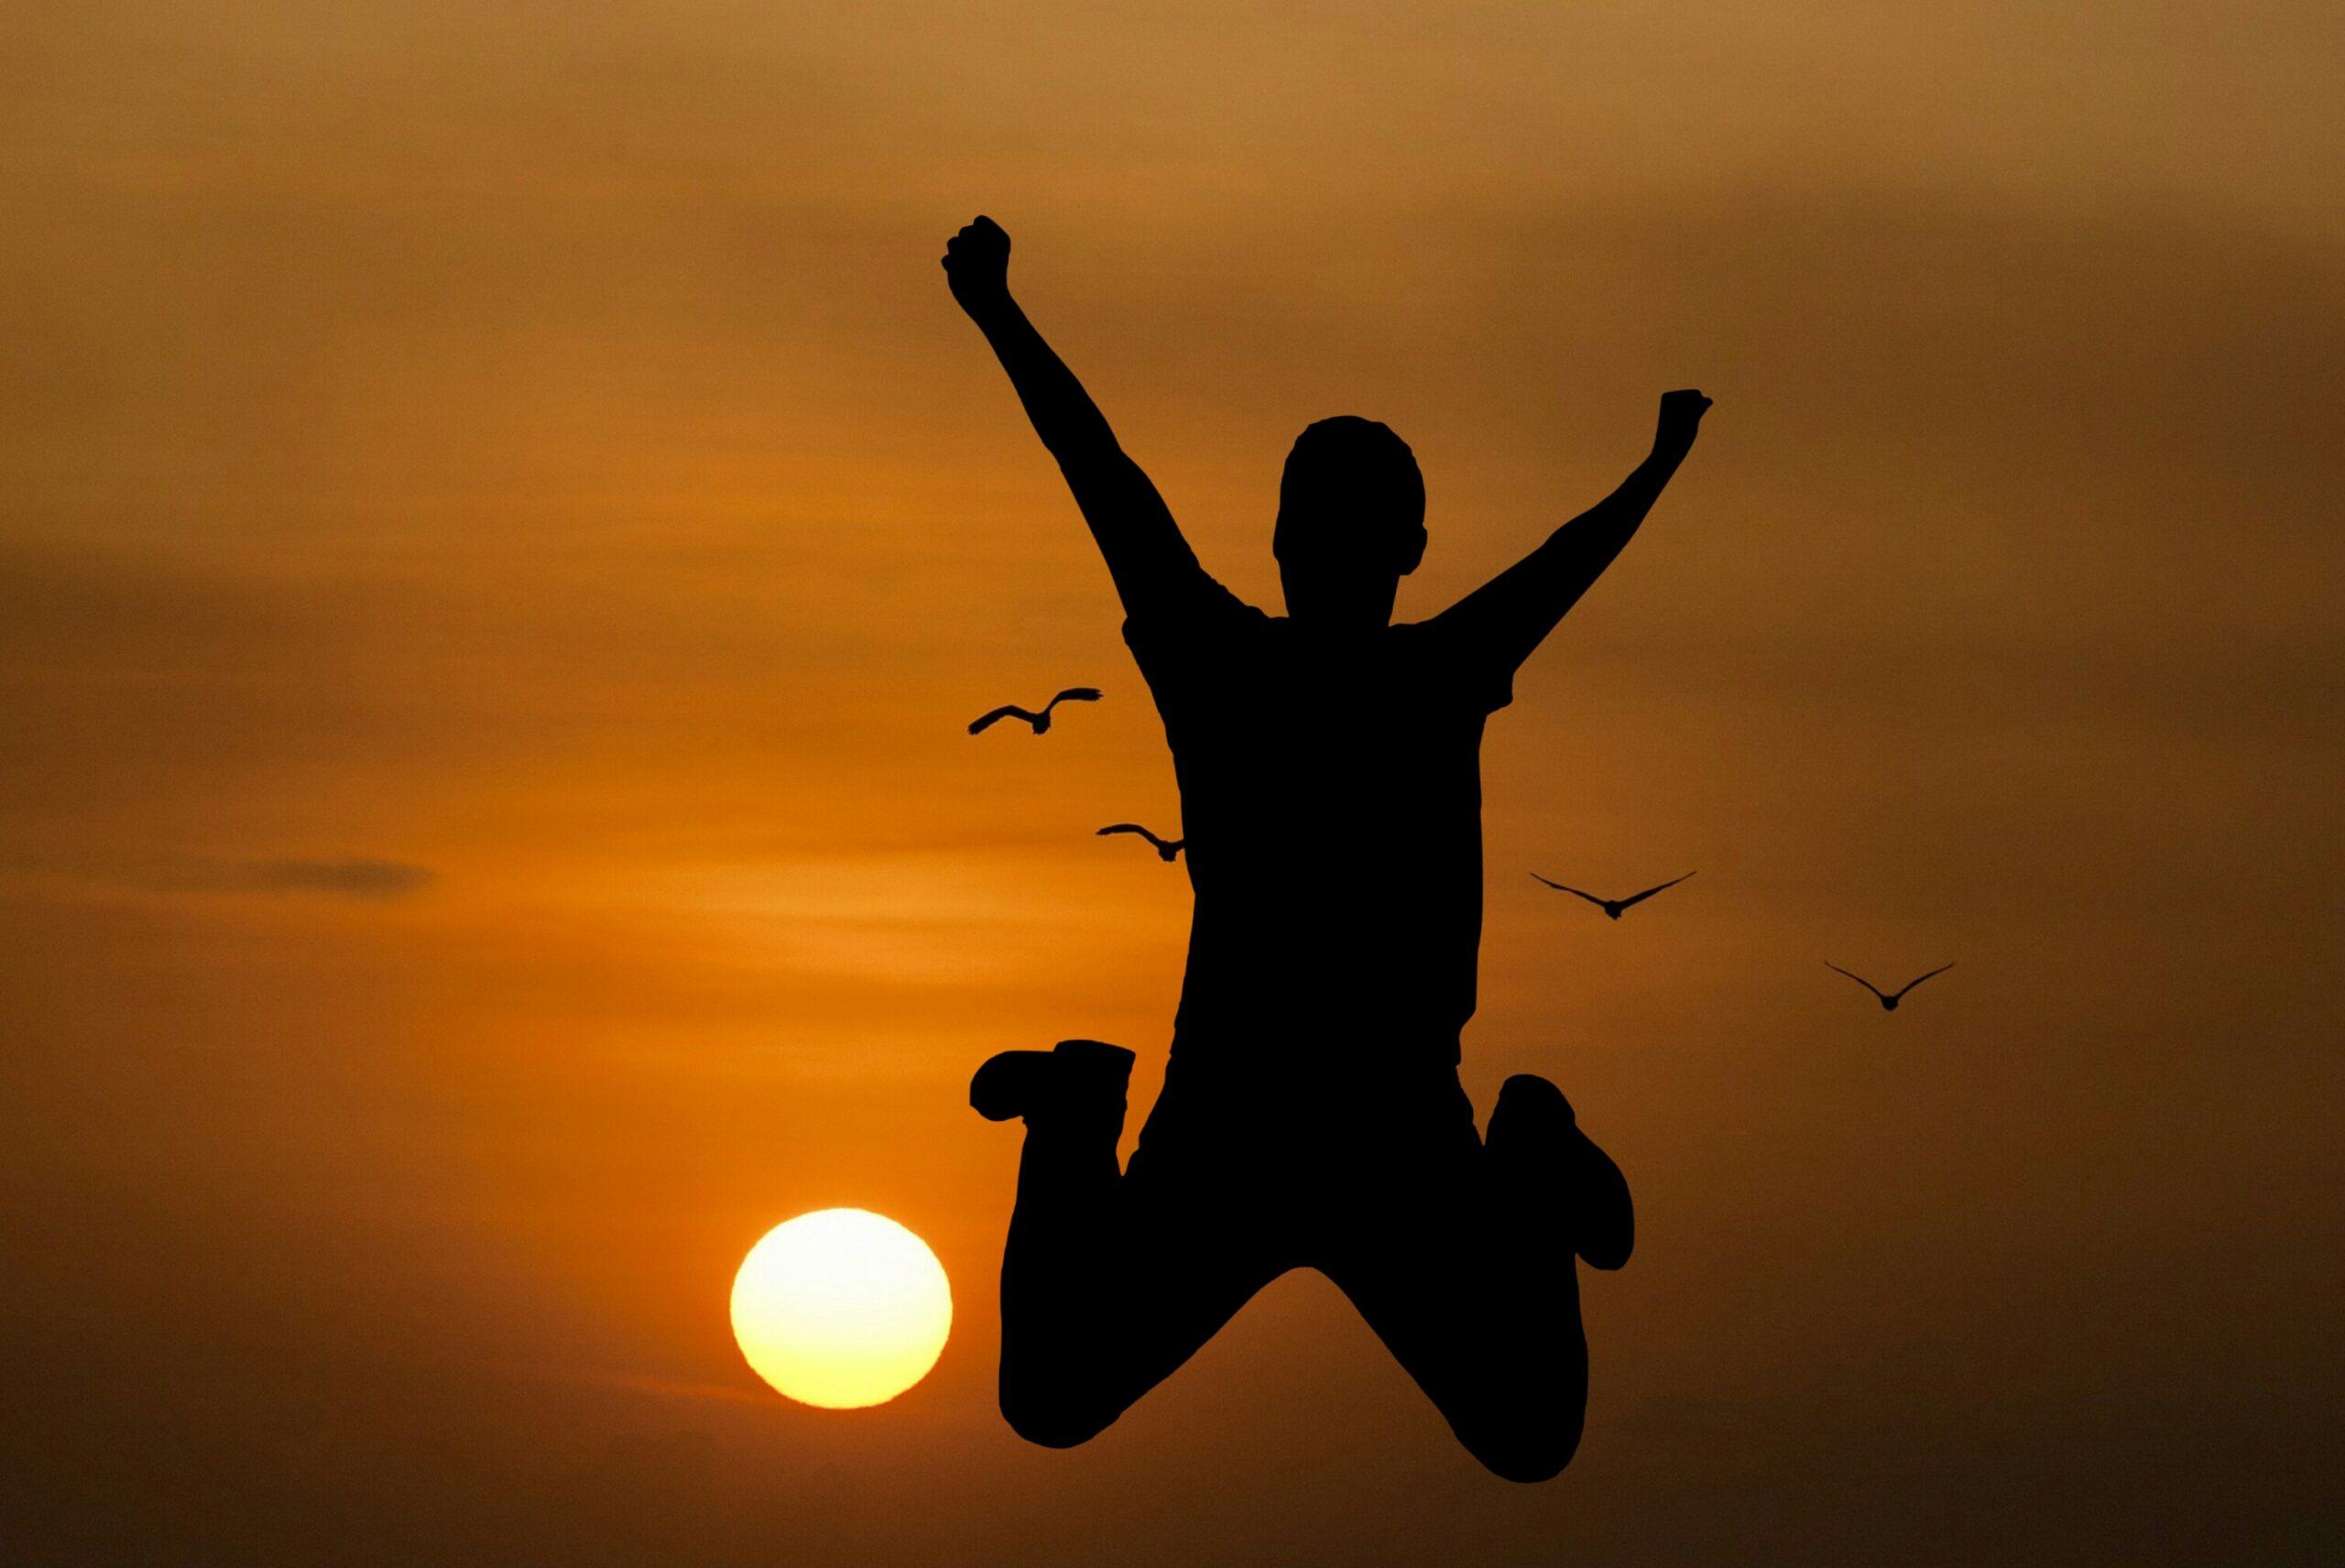 Glück und Sinnfindung als Ergebnis der geistigen Entfaltung